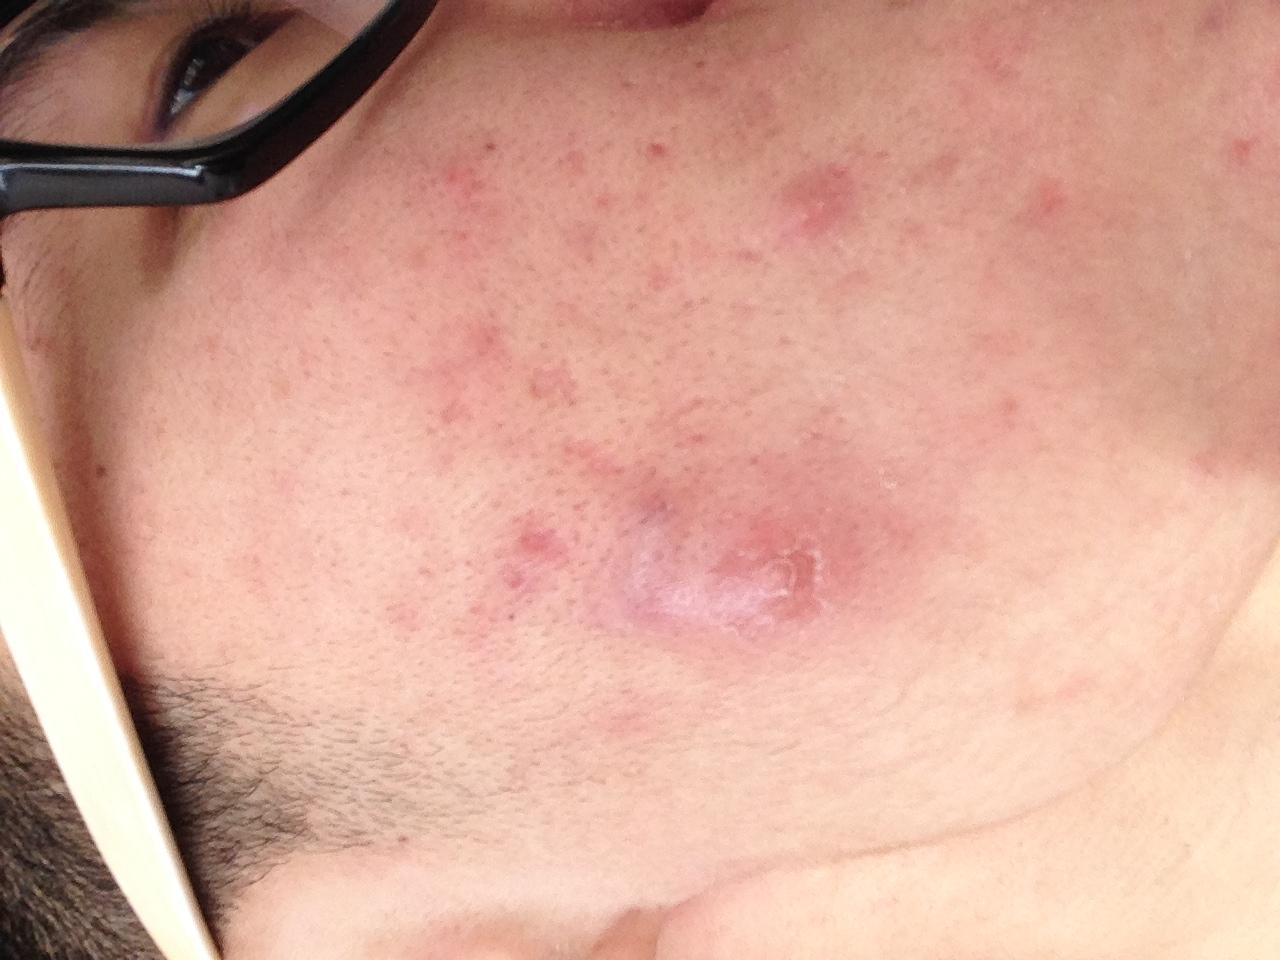 外阴长了个包痛_脸上总是起痘痘不是小痘痘像脓包一样又大又硬还有点疼。好 ...